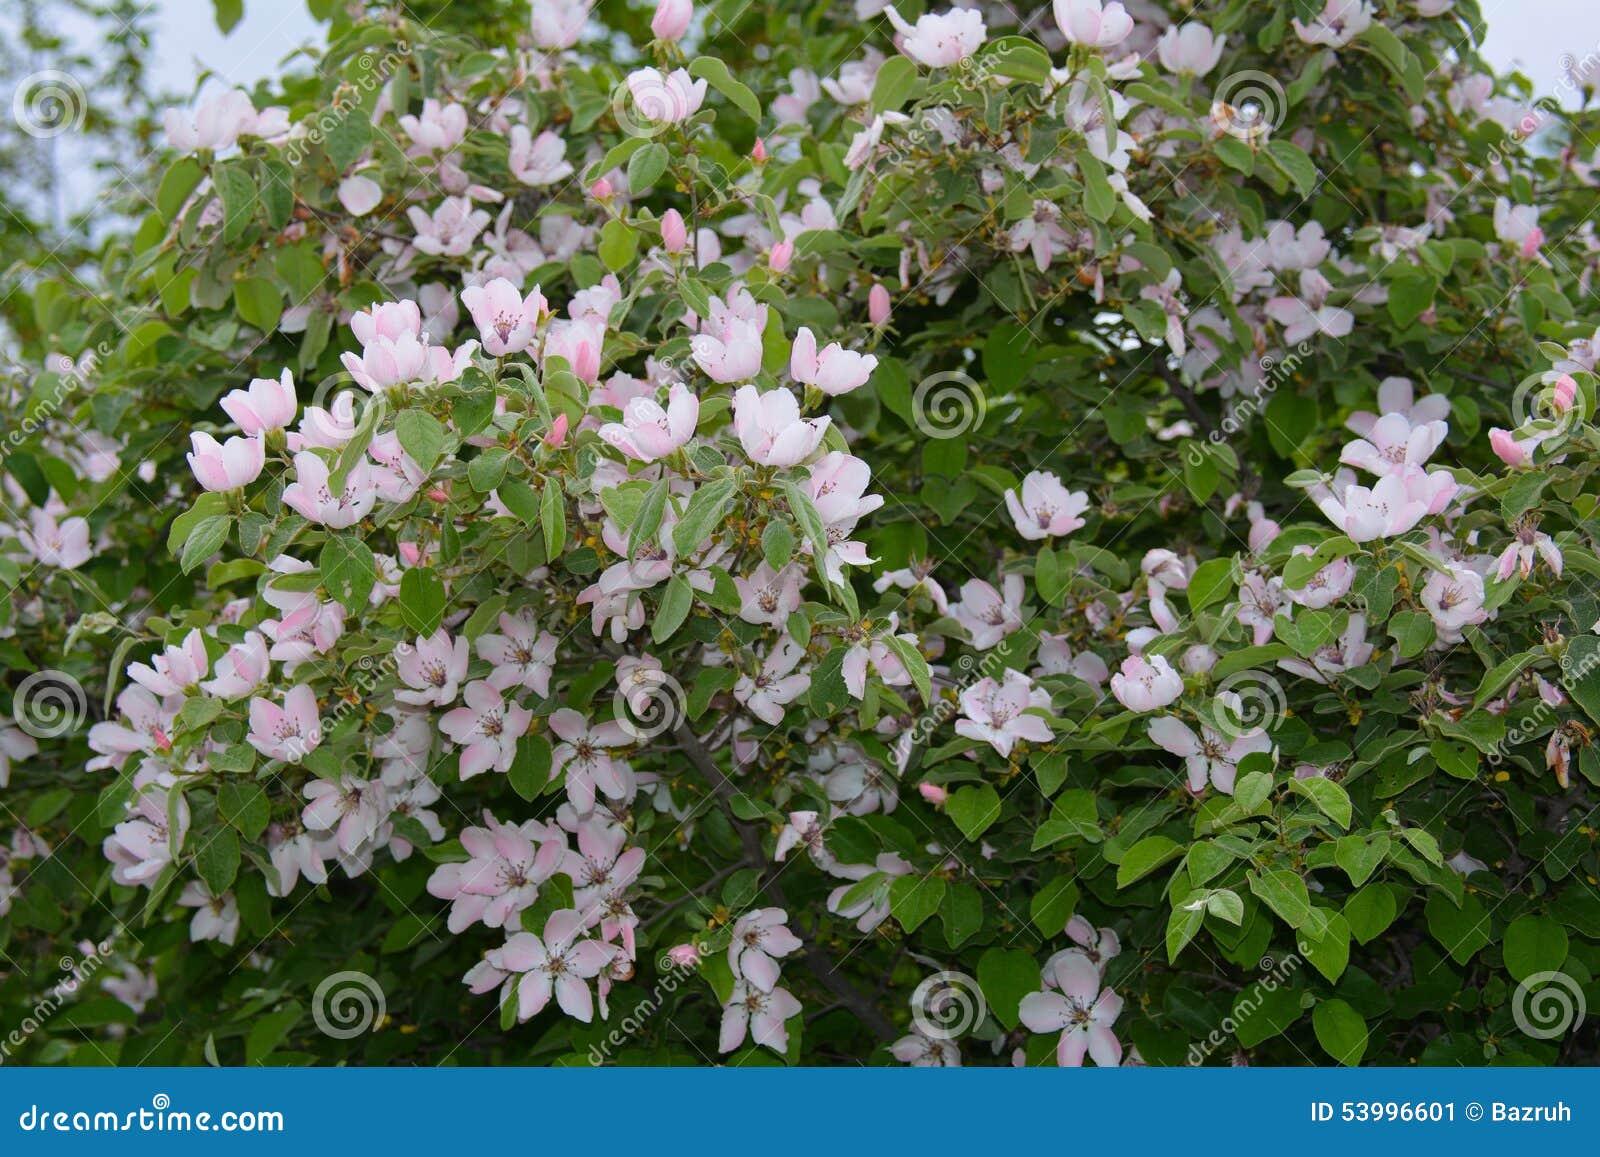 Rbol de membrillo floreciente en jard n imagen de archivo - Arbol de membrillo ...